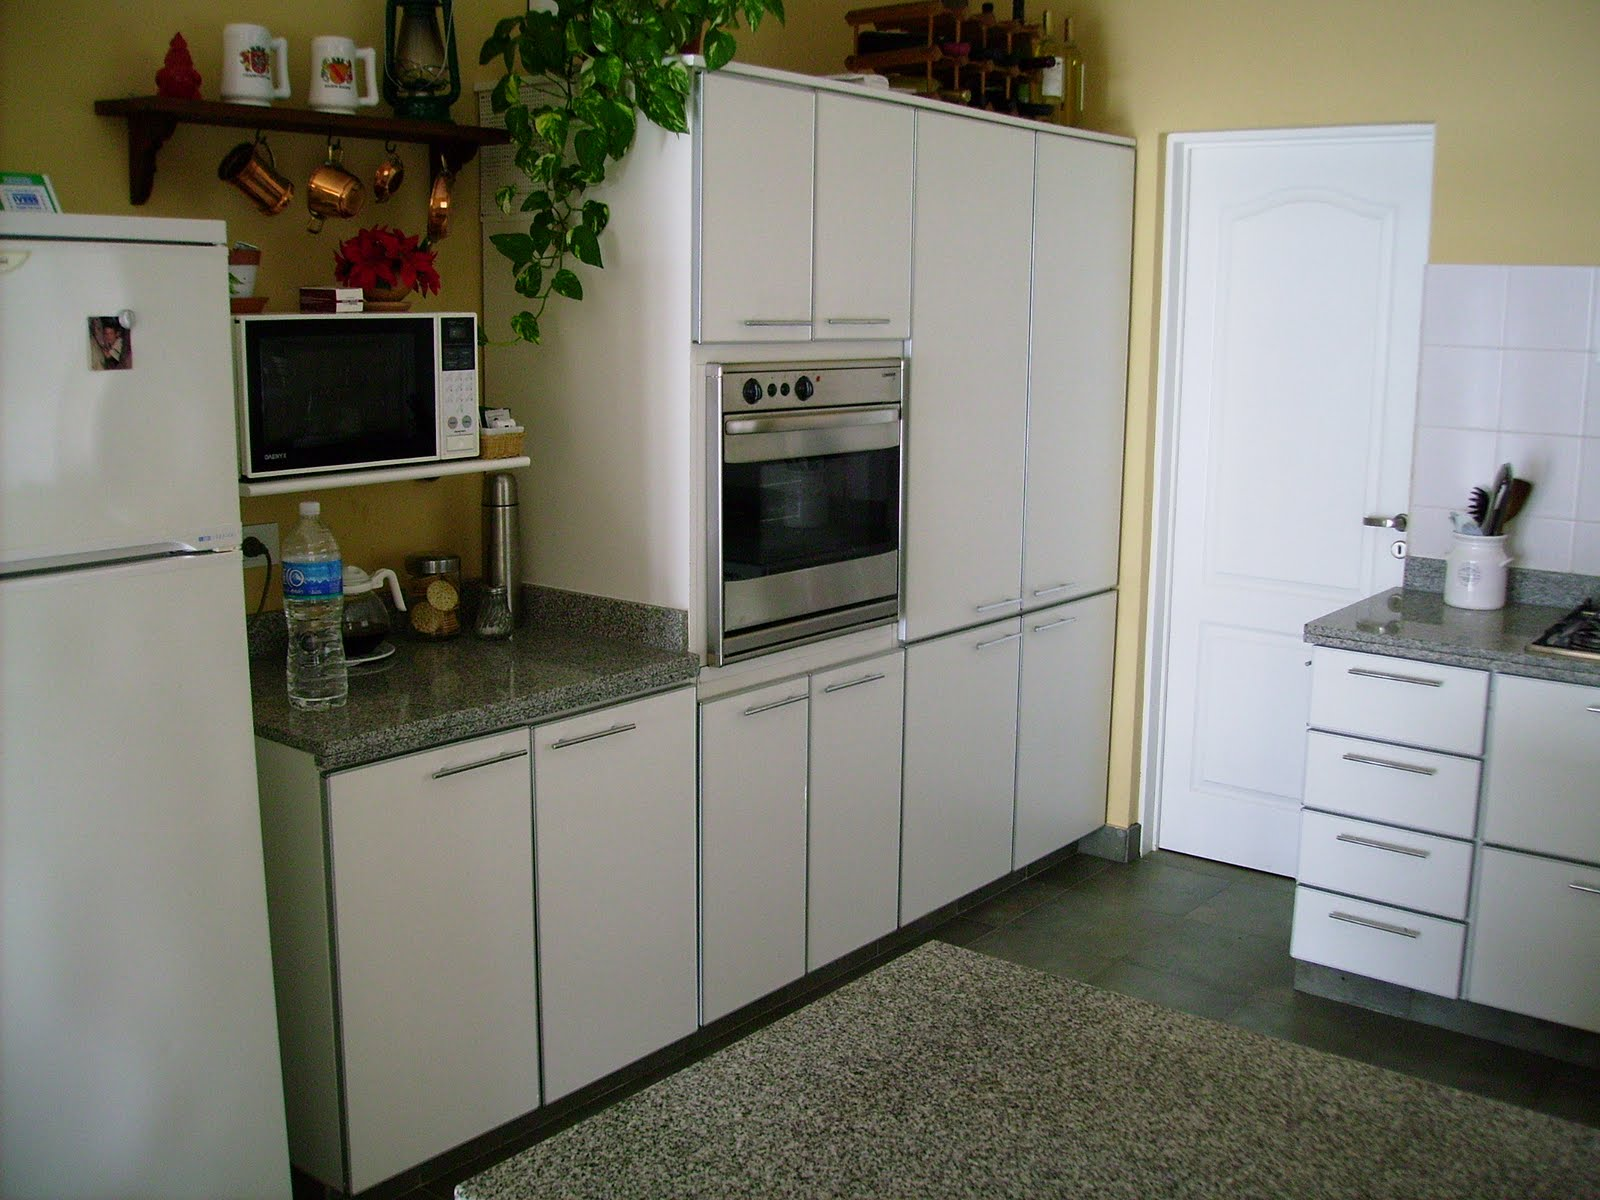 Muebles del bajo mueble de cocina for Muebles bajos de cocina